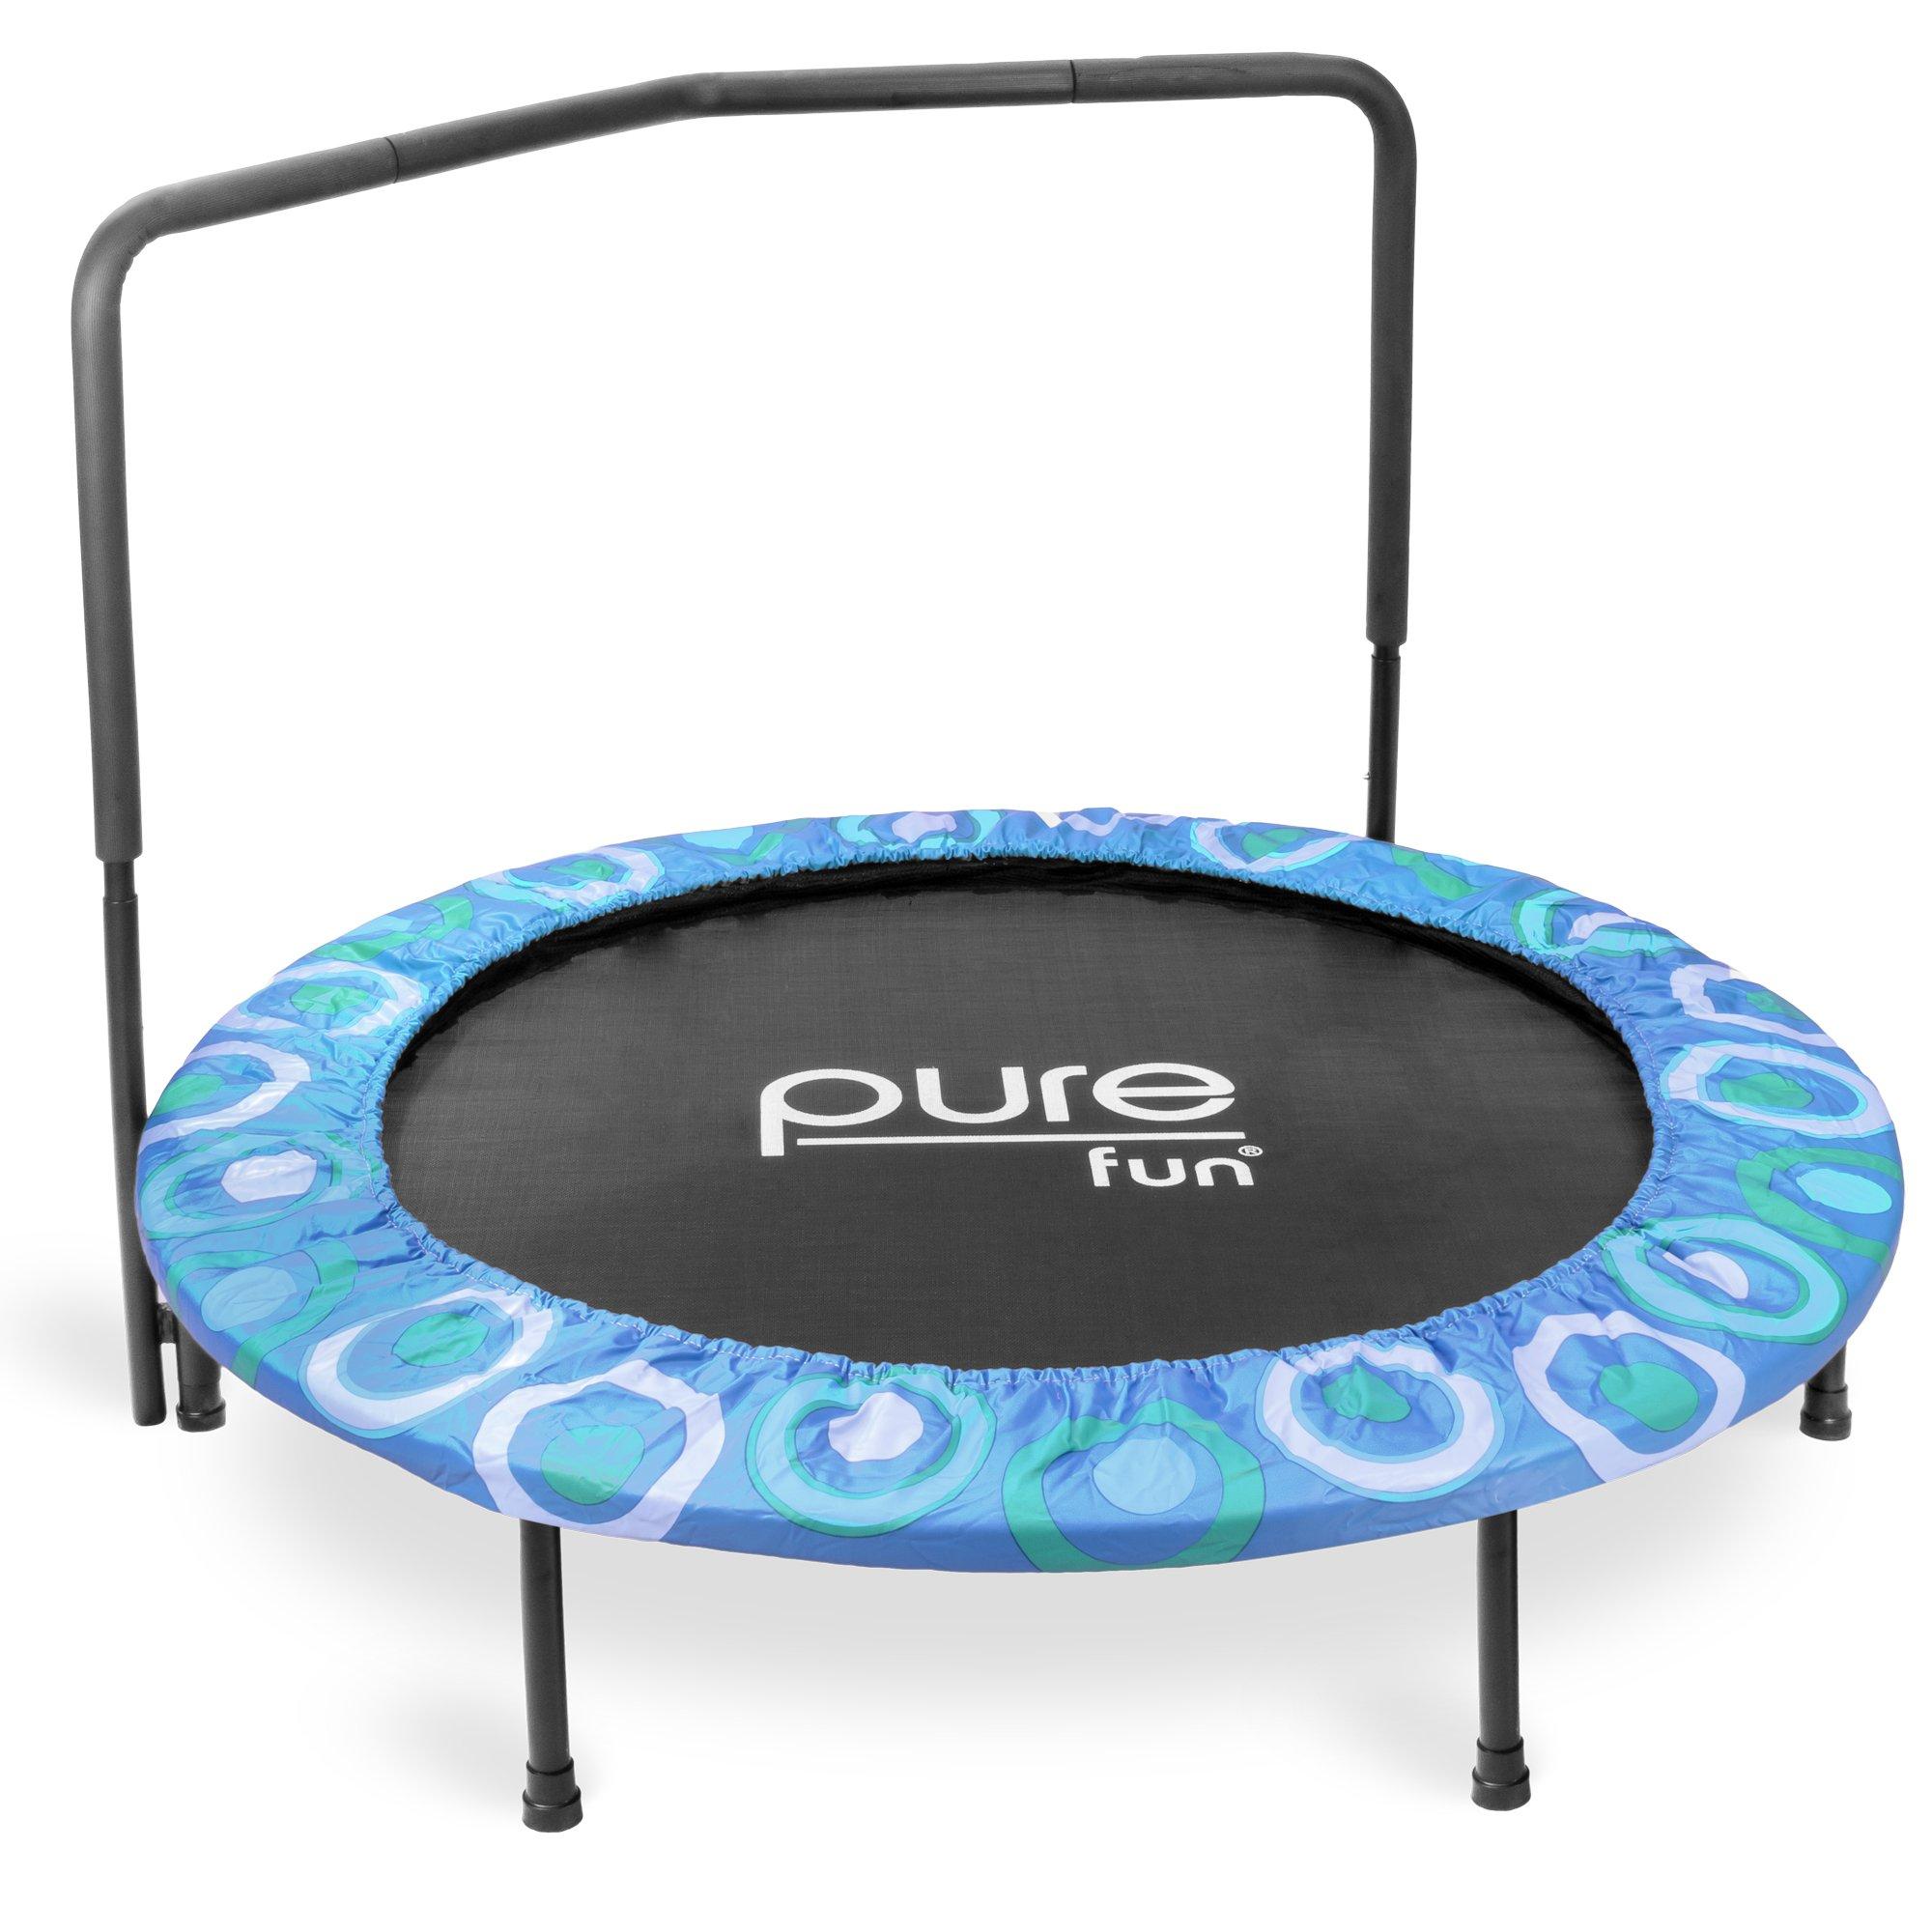 Pure Fun 9008SJ Super Jumper Kids Trampoline with Handrail, Blue - 48 Inches by Pure Fun